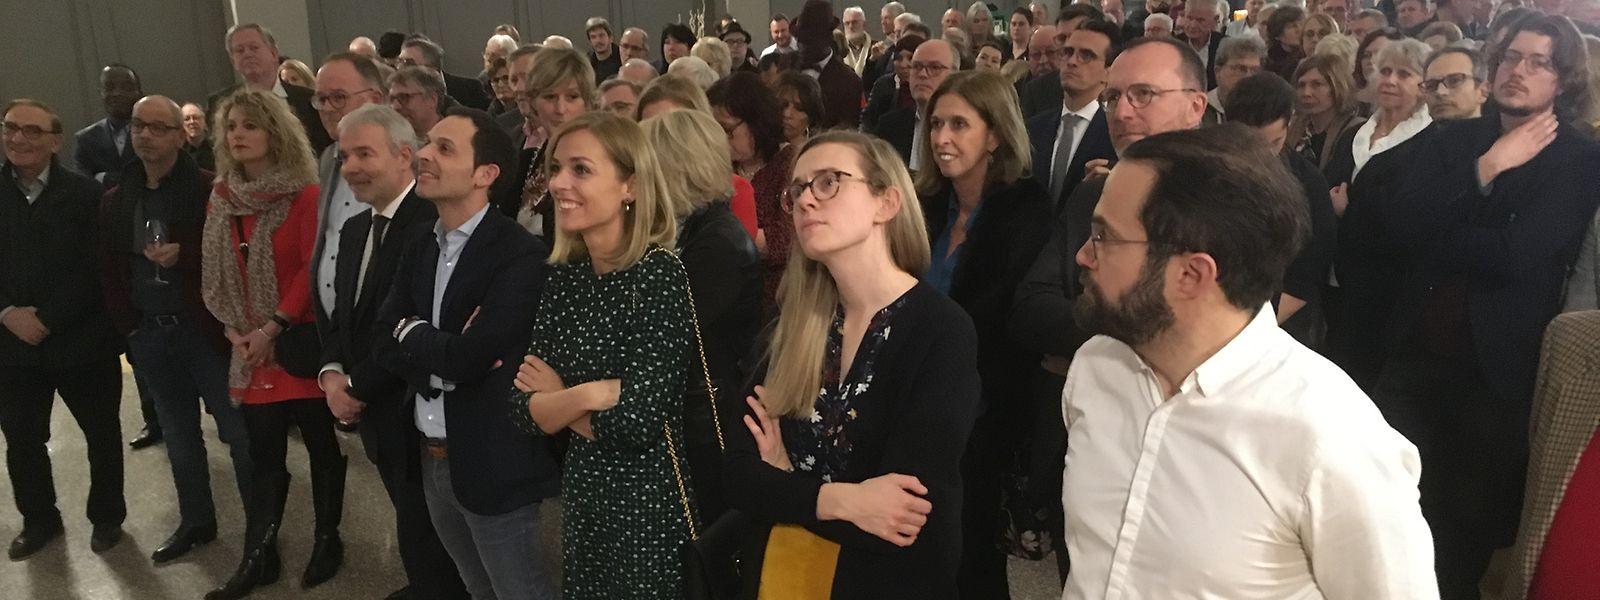 Le LSAP a été le dernier des grands partis à organiser sa cérémonie des vœux, mercredi soir.